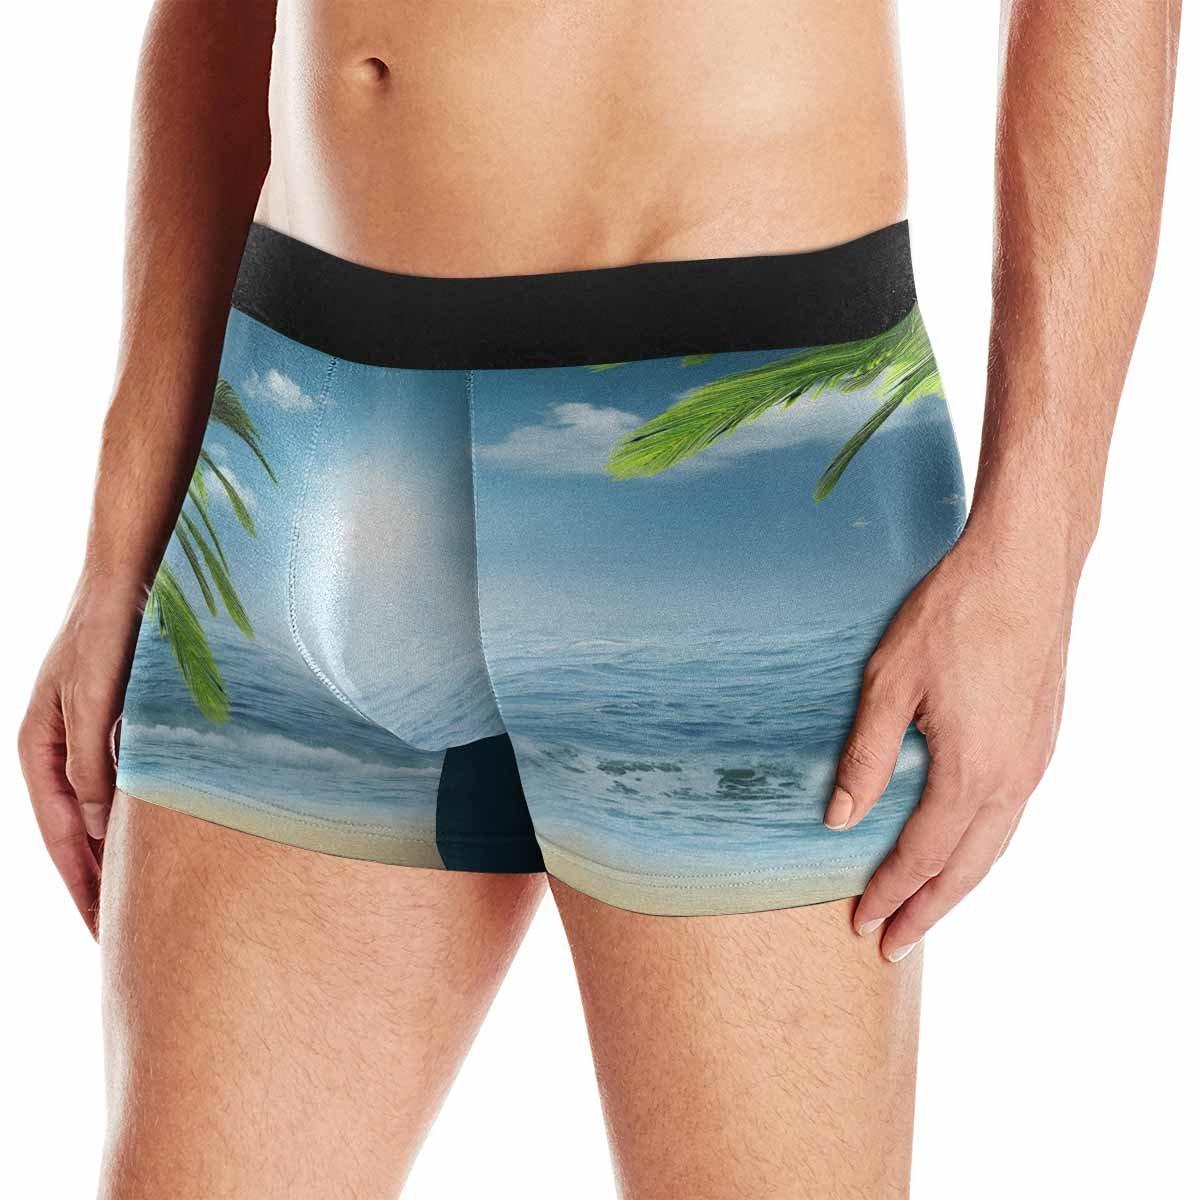 XS-3XL Abstracts Design INTERESTPRINT Mens Boxer Briefs Underwear On The Ocean